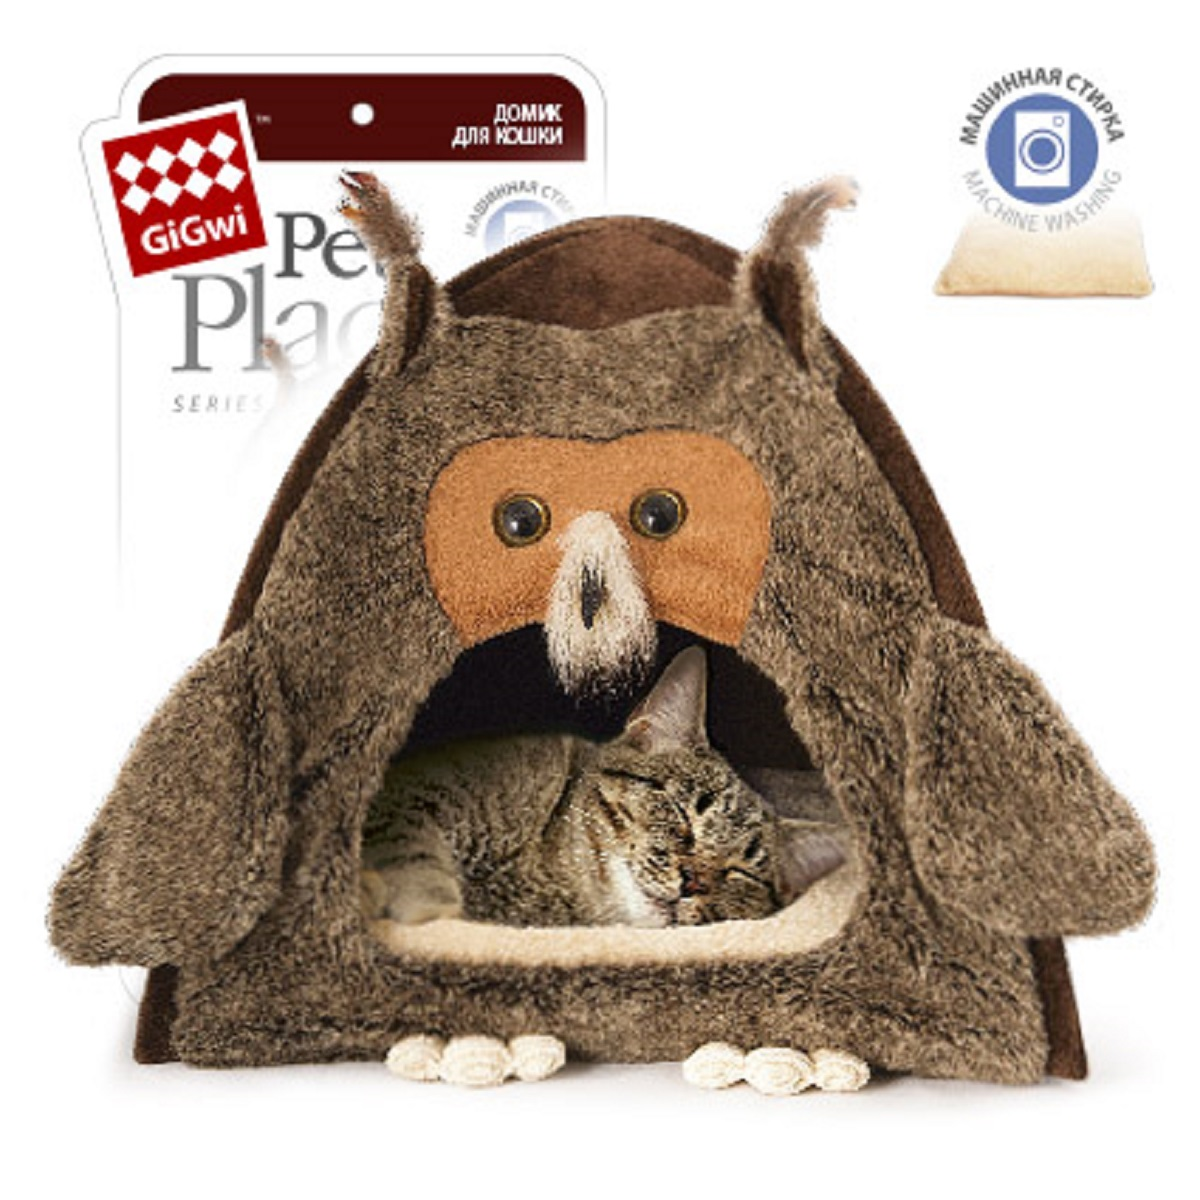 Домик для животных GiGwi Сова, 40 см х 45 см75061Домик для животных GiGwi Сова непременно станет любимым местом отдыха вашего домашнего животного. Изделие выполнено из искусственного меха. В таком домике вашему любимцу будет мягко и тепло. Он подарит вашему питомцу ощущение уюта и уединенности, а также возможность спрятаться.